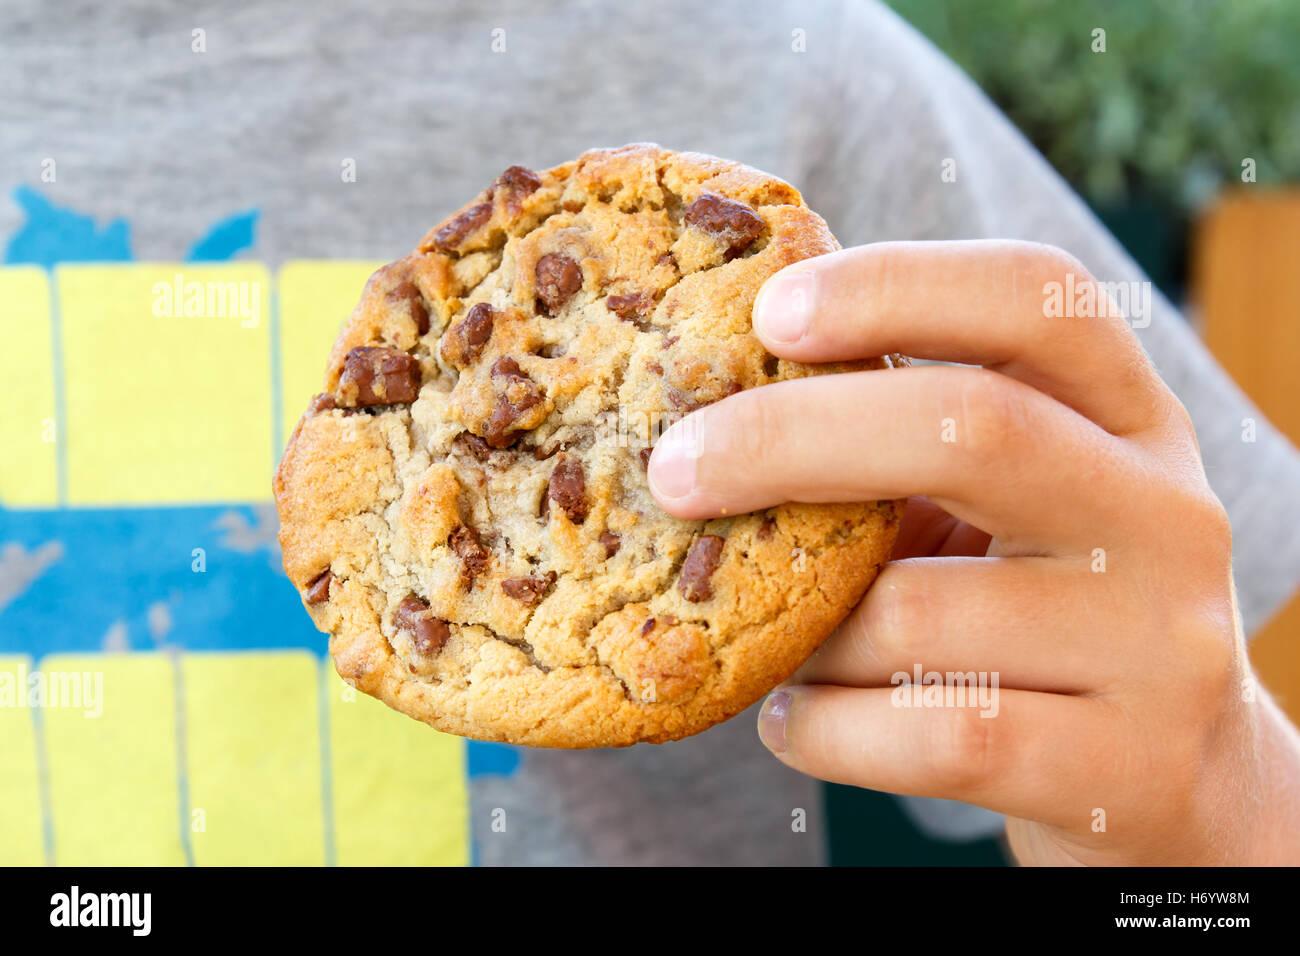 Niño sosteniendo gran galleta de chocolate caseras. Imagen De Stock